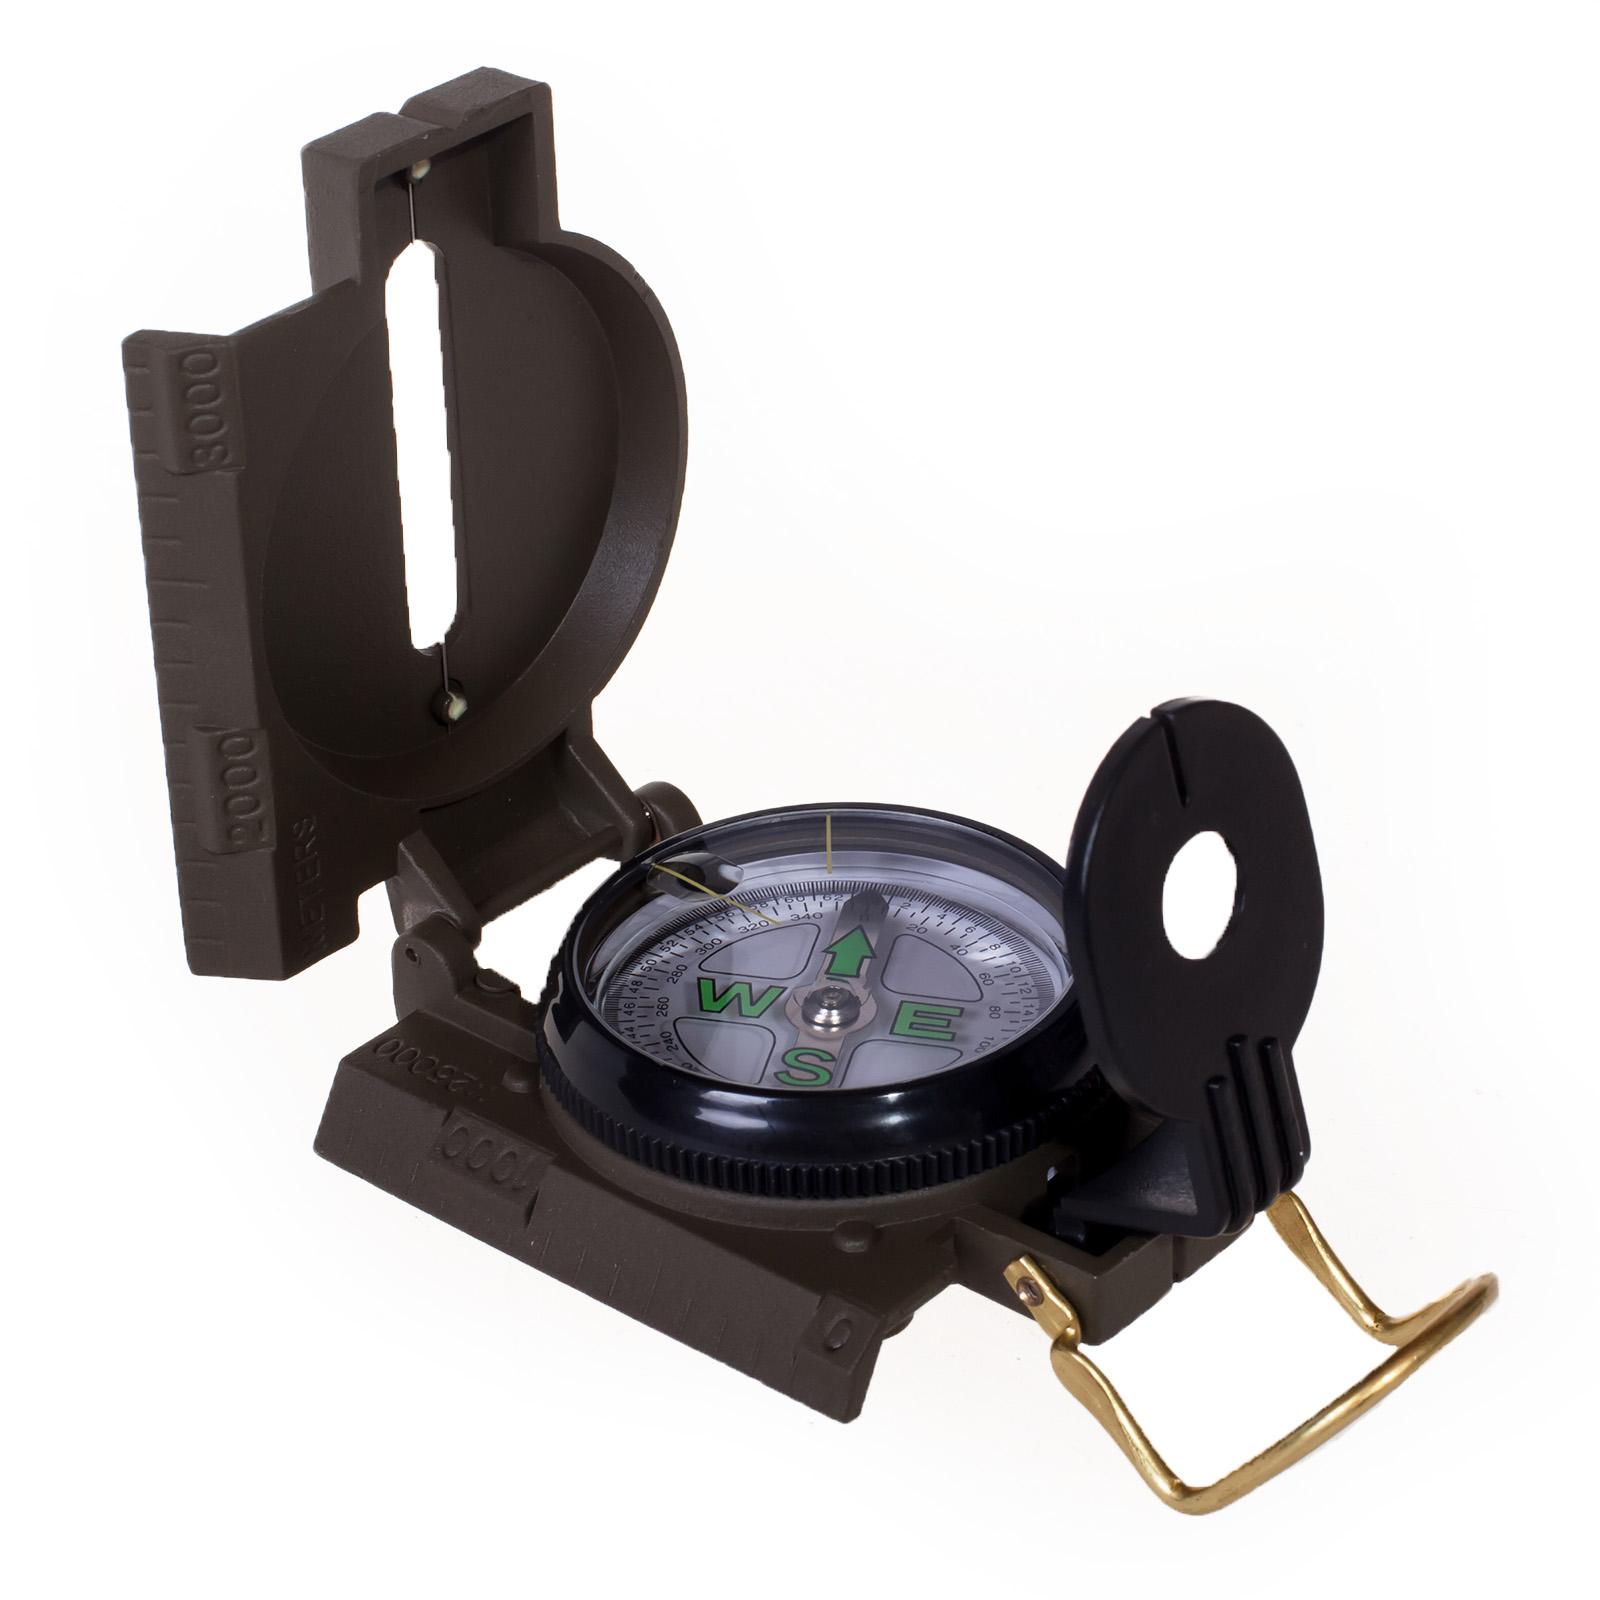 Горный компас DC45-2B